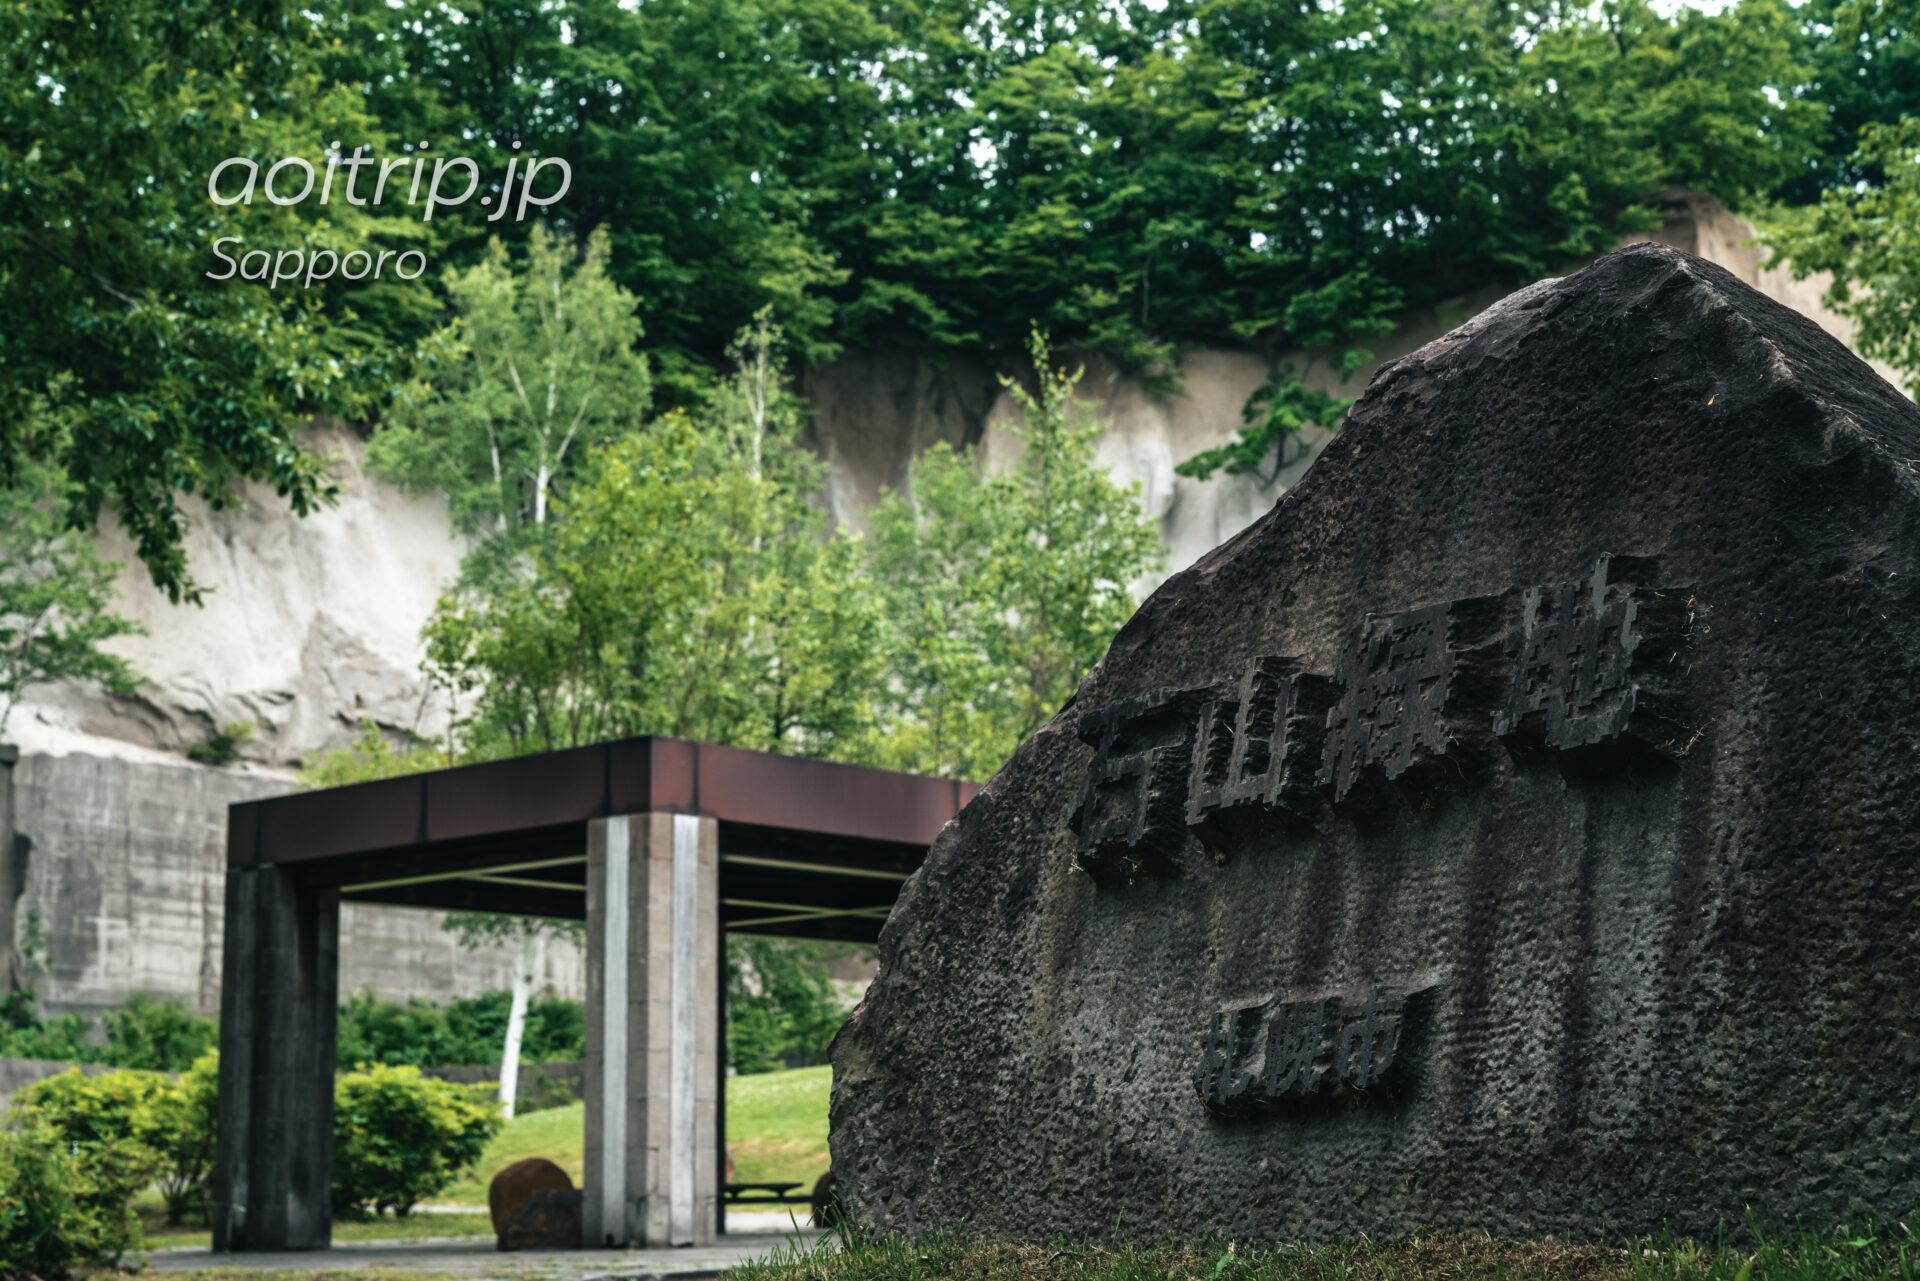 石山緑地 札幌軟石の採掘跡に彫刻アートが溶けこむ公園